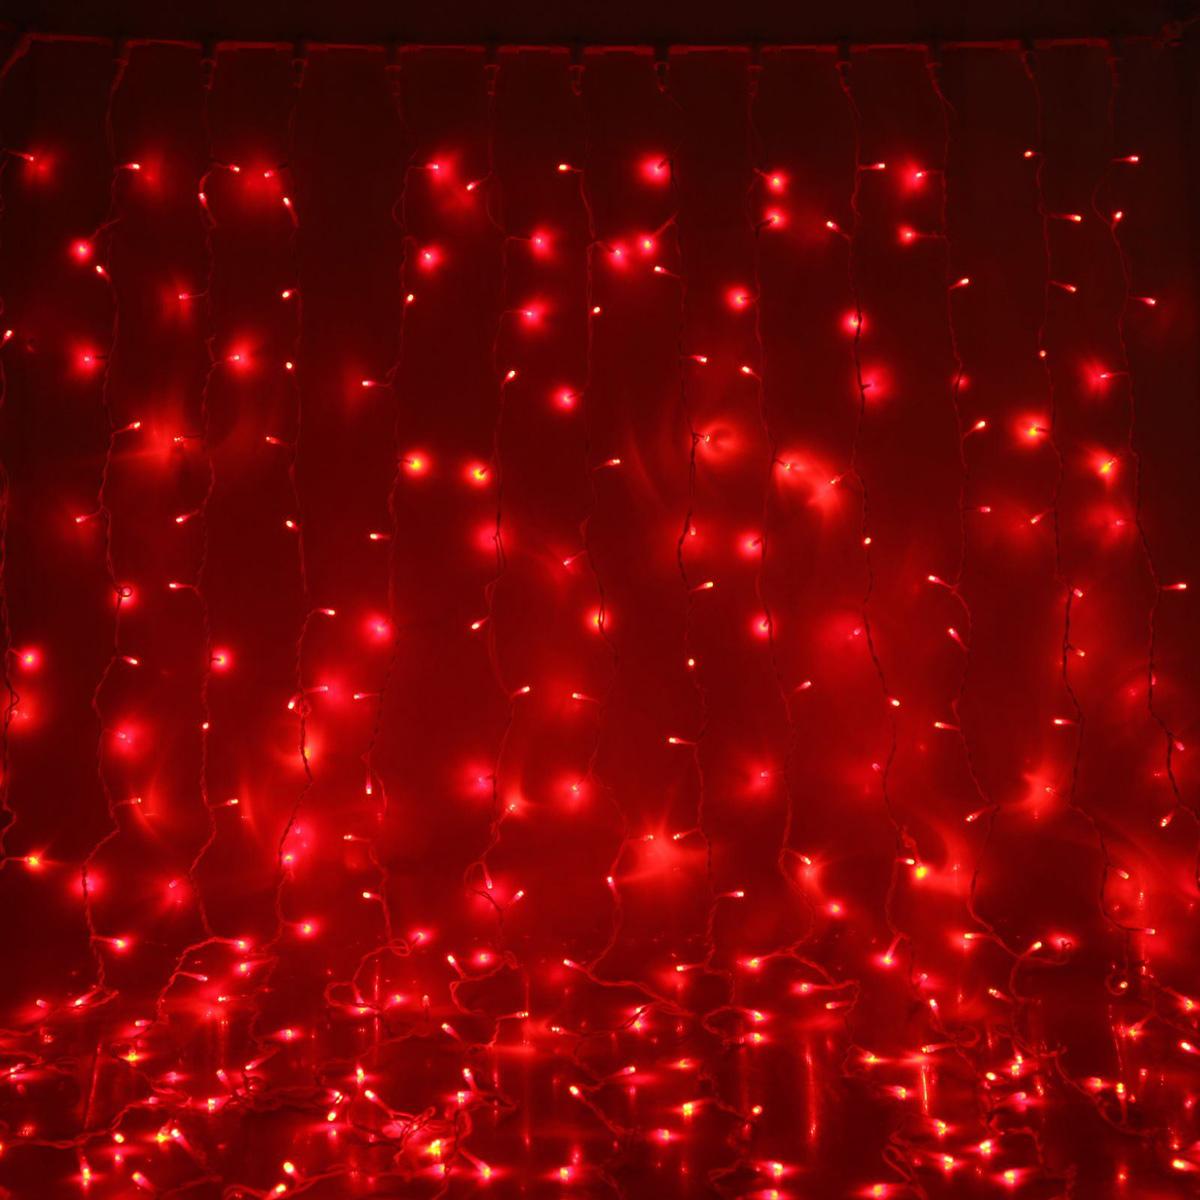 Гирлянда светодиодная Luazon Занавес, цвет: красный, уличная, 1440 ламп, 220 V, 2 х 6 м. 10802681080268Светодиодные гирлянды и ленты — это отличный вариант для новогоднего оформления интерьера или фасада. С их помощью помещение любого размера можно превратить в праздничный зал, а внешние элементы зданий, украшенные ими, мгновенно станут напоминать очертания сказочного дворца. Такие украшения создают ауру предвкушения чуда. Деревья, фасады, витрины, окна и арки будто специально созданы, чтобы вы украсили их светящимися нитями.